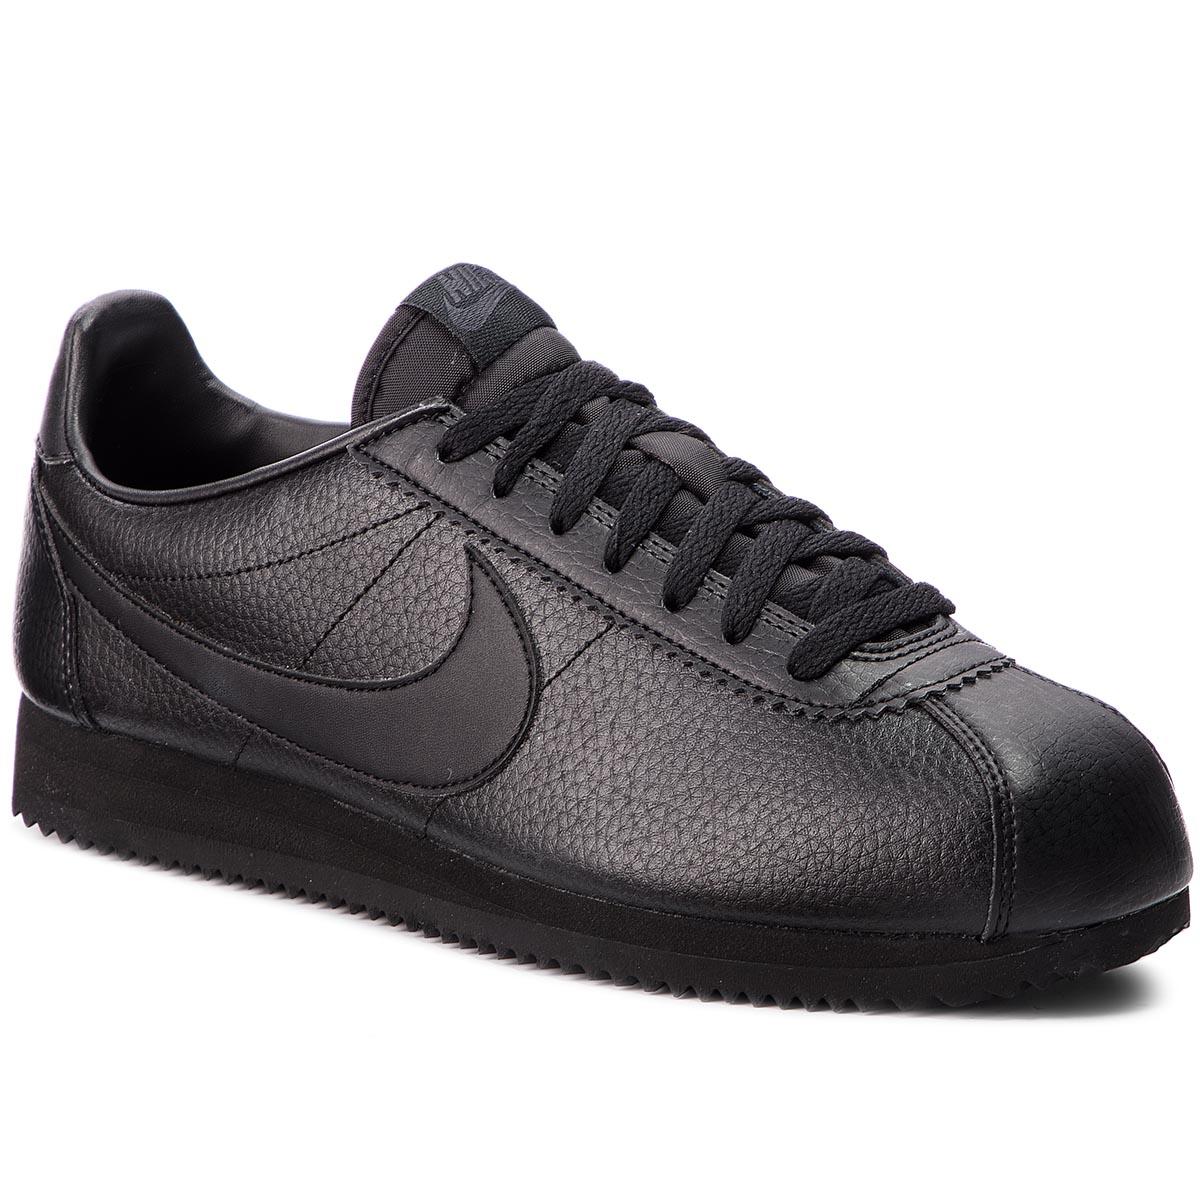 5835edab455a Shoes NIKE - Jordan Formula 23 Bg 881468 031 Black Black White ...